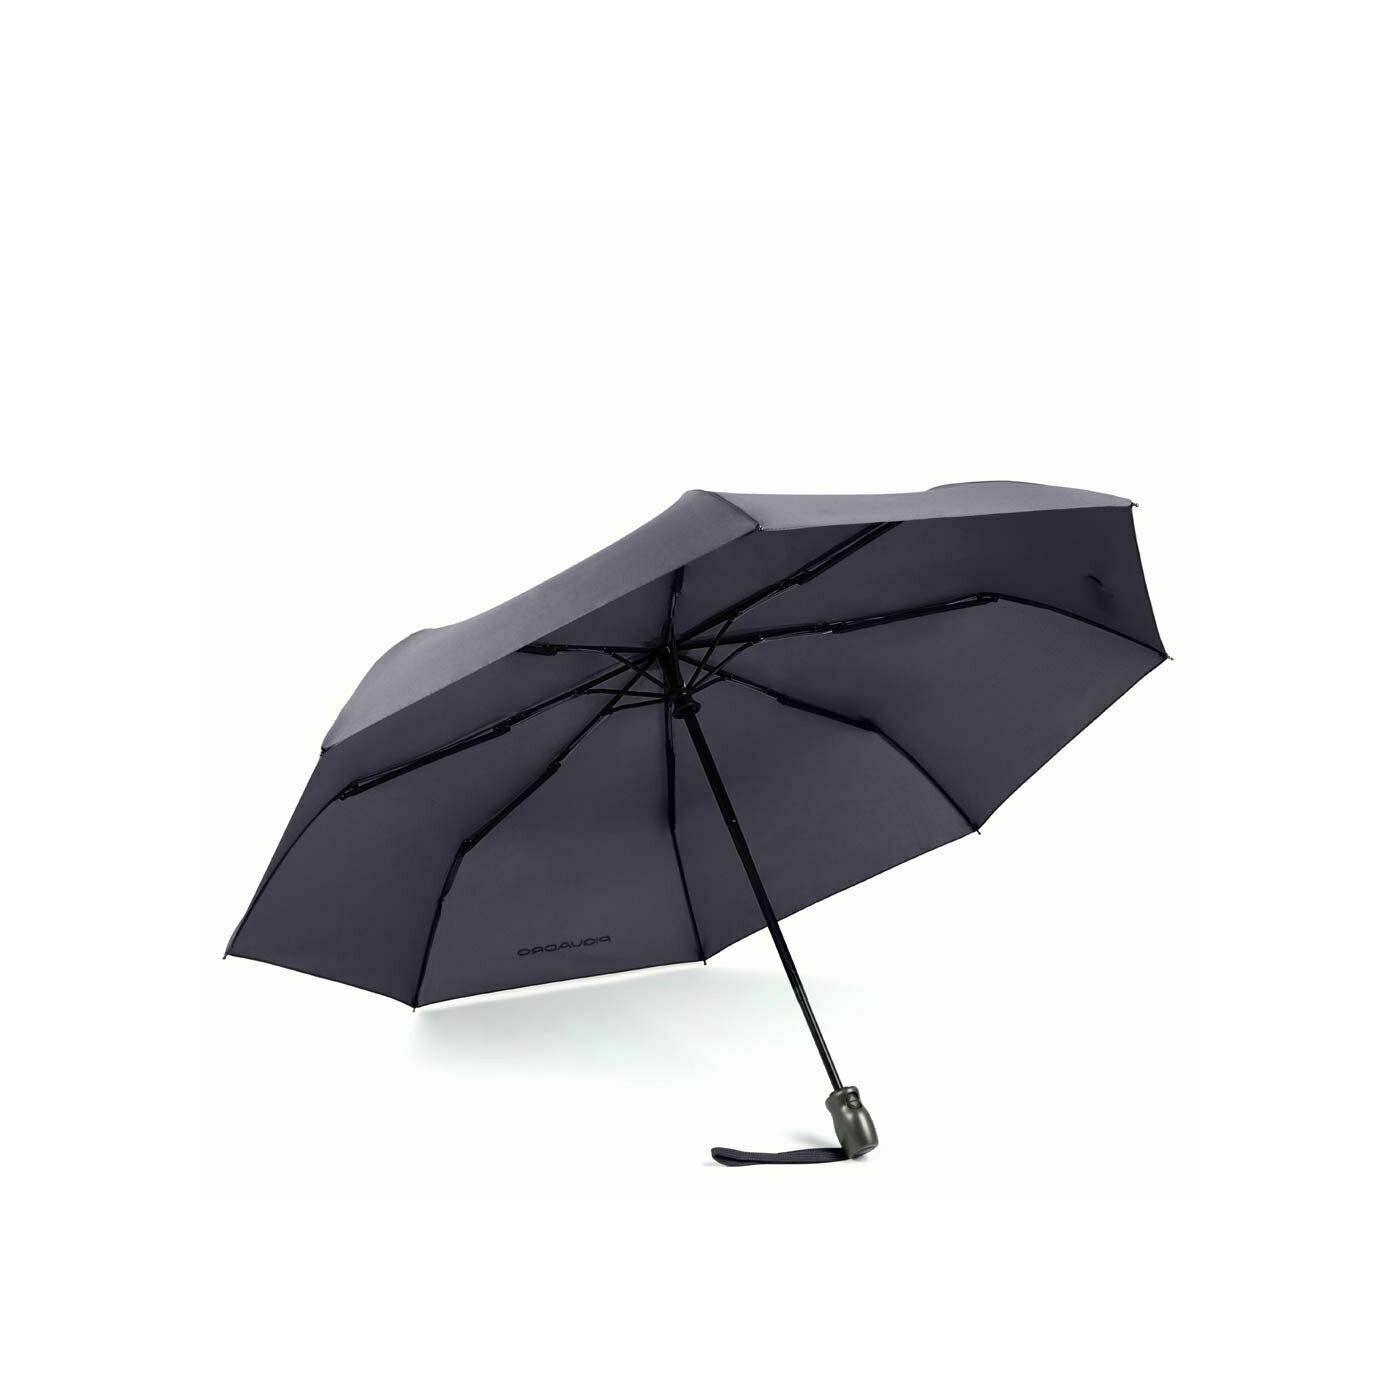 PIQUADRO Stationery ombrello open close automatico grigio